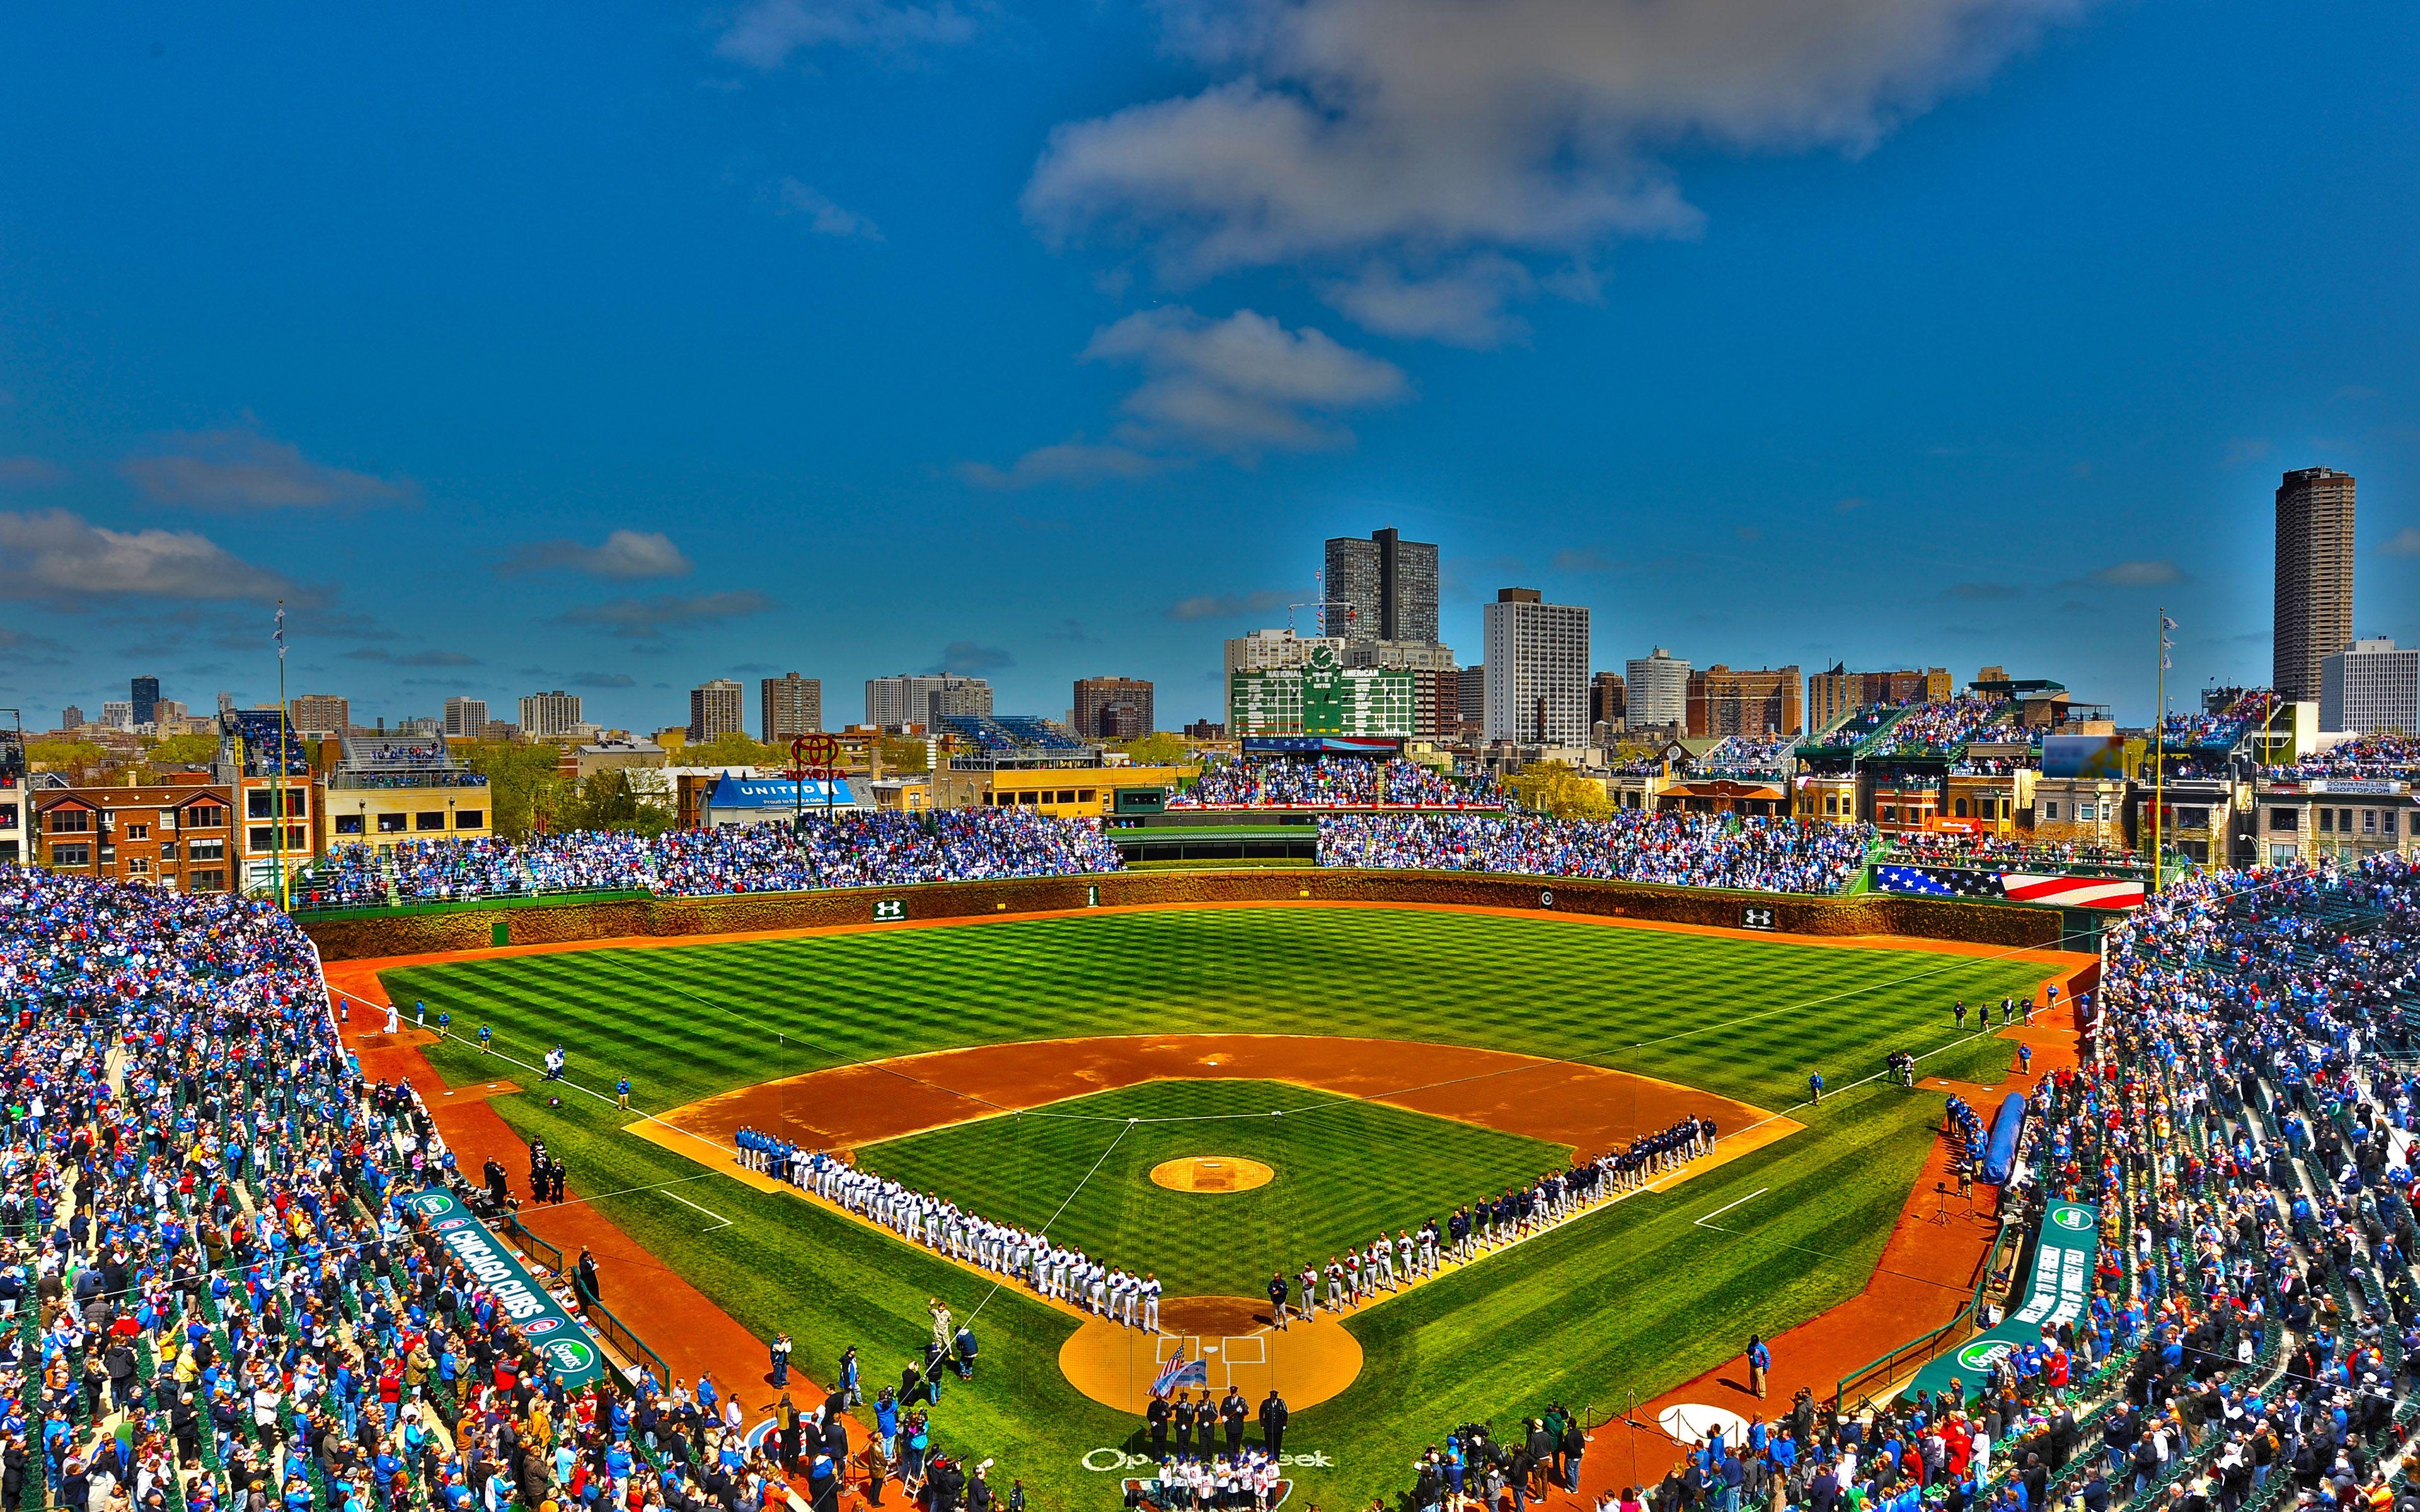 ChicagoCubsballparkWrigleyFieldChicagoIllinois